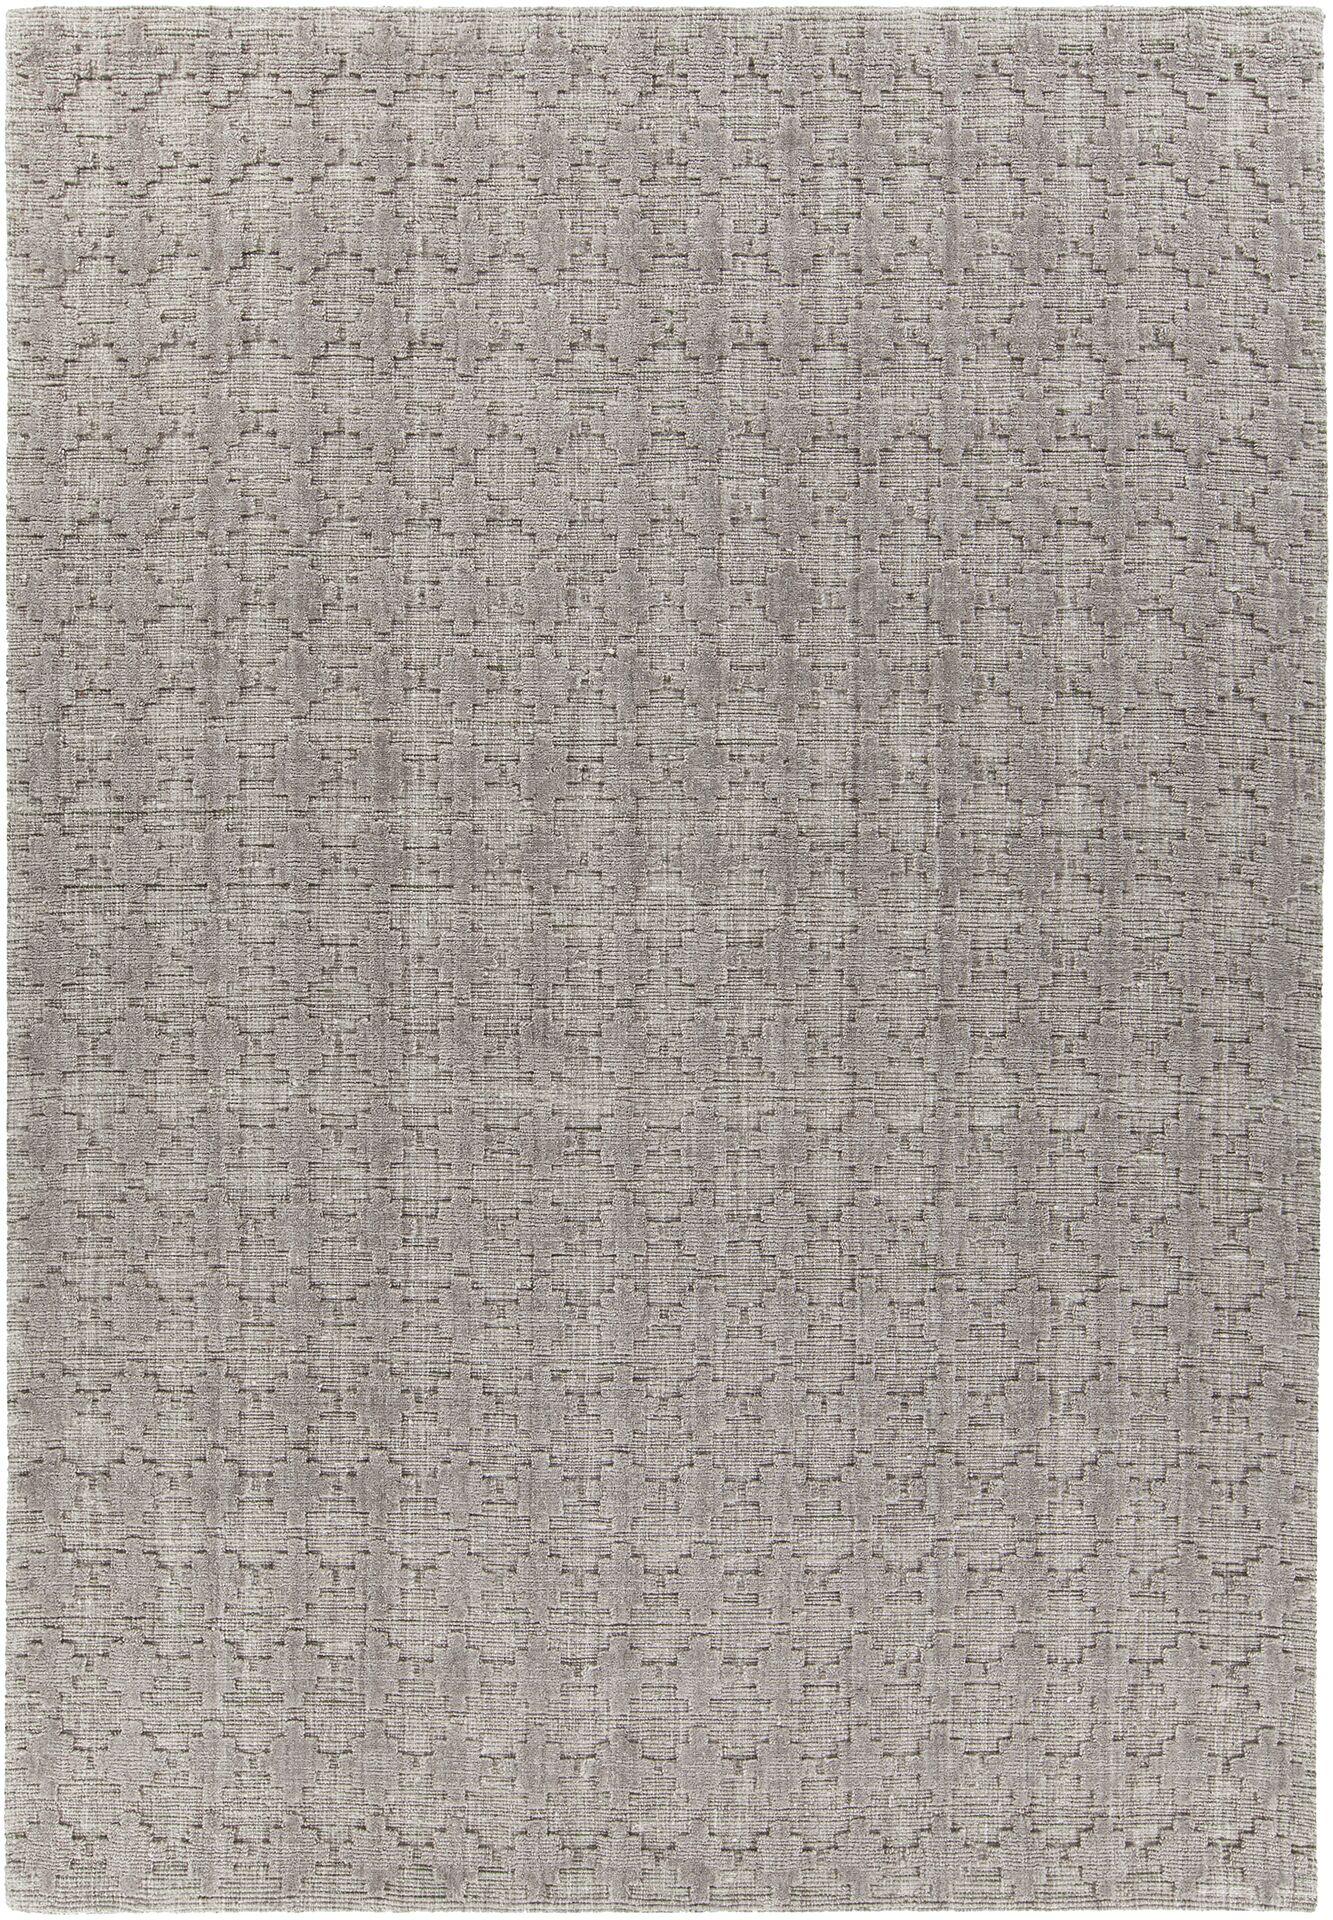 Tenleytown Hand-Woven Gray Area Rug Rug Size: 7'9